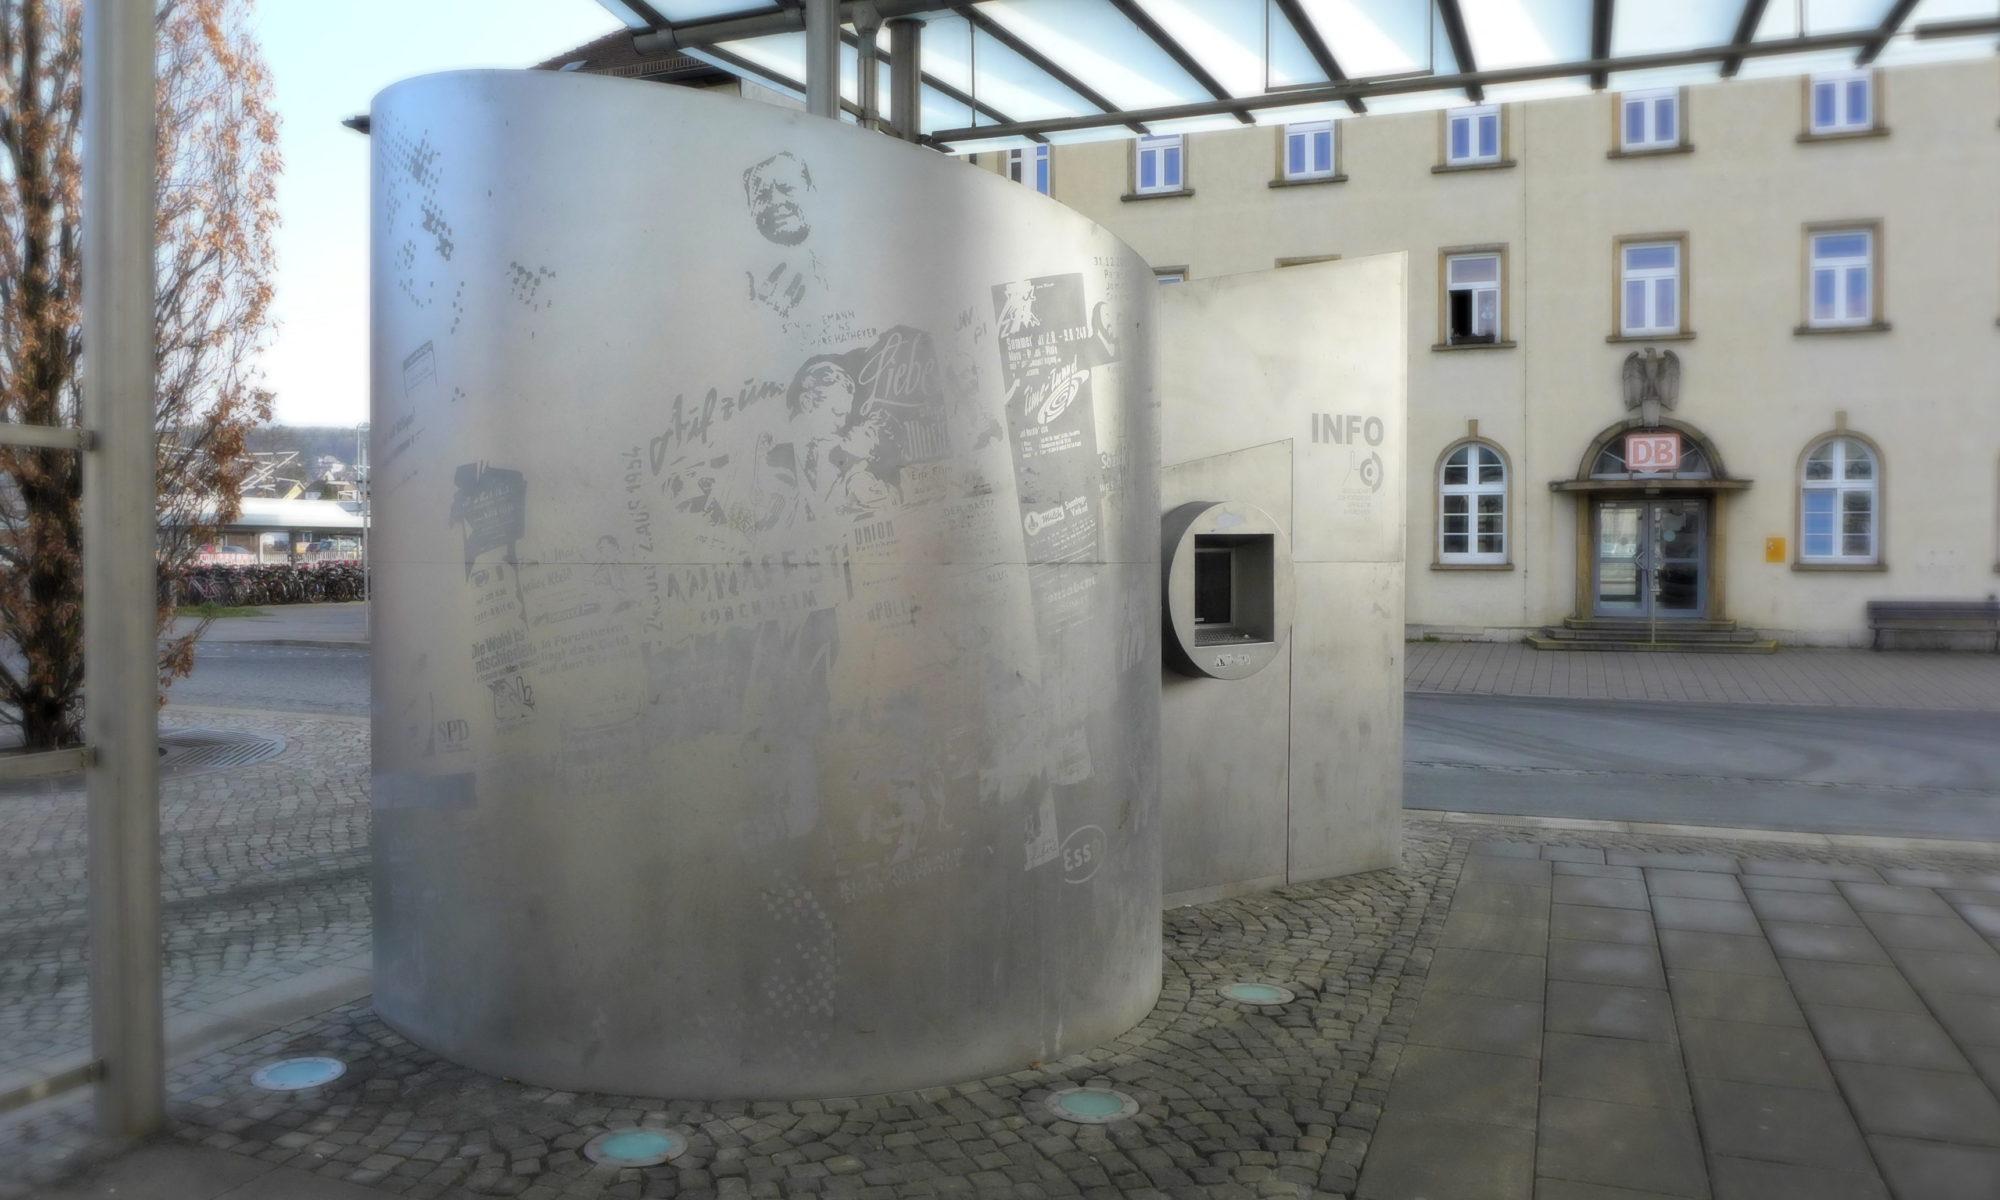 Gesellschaft zur Förderung von Kultur in Forchheim e.V.